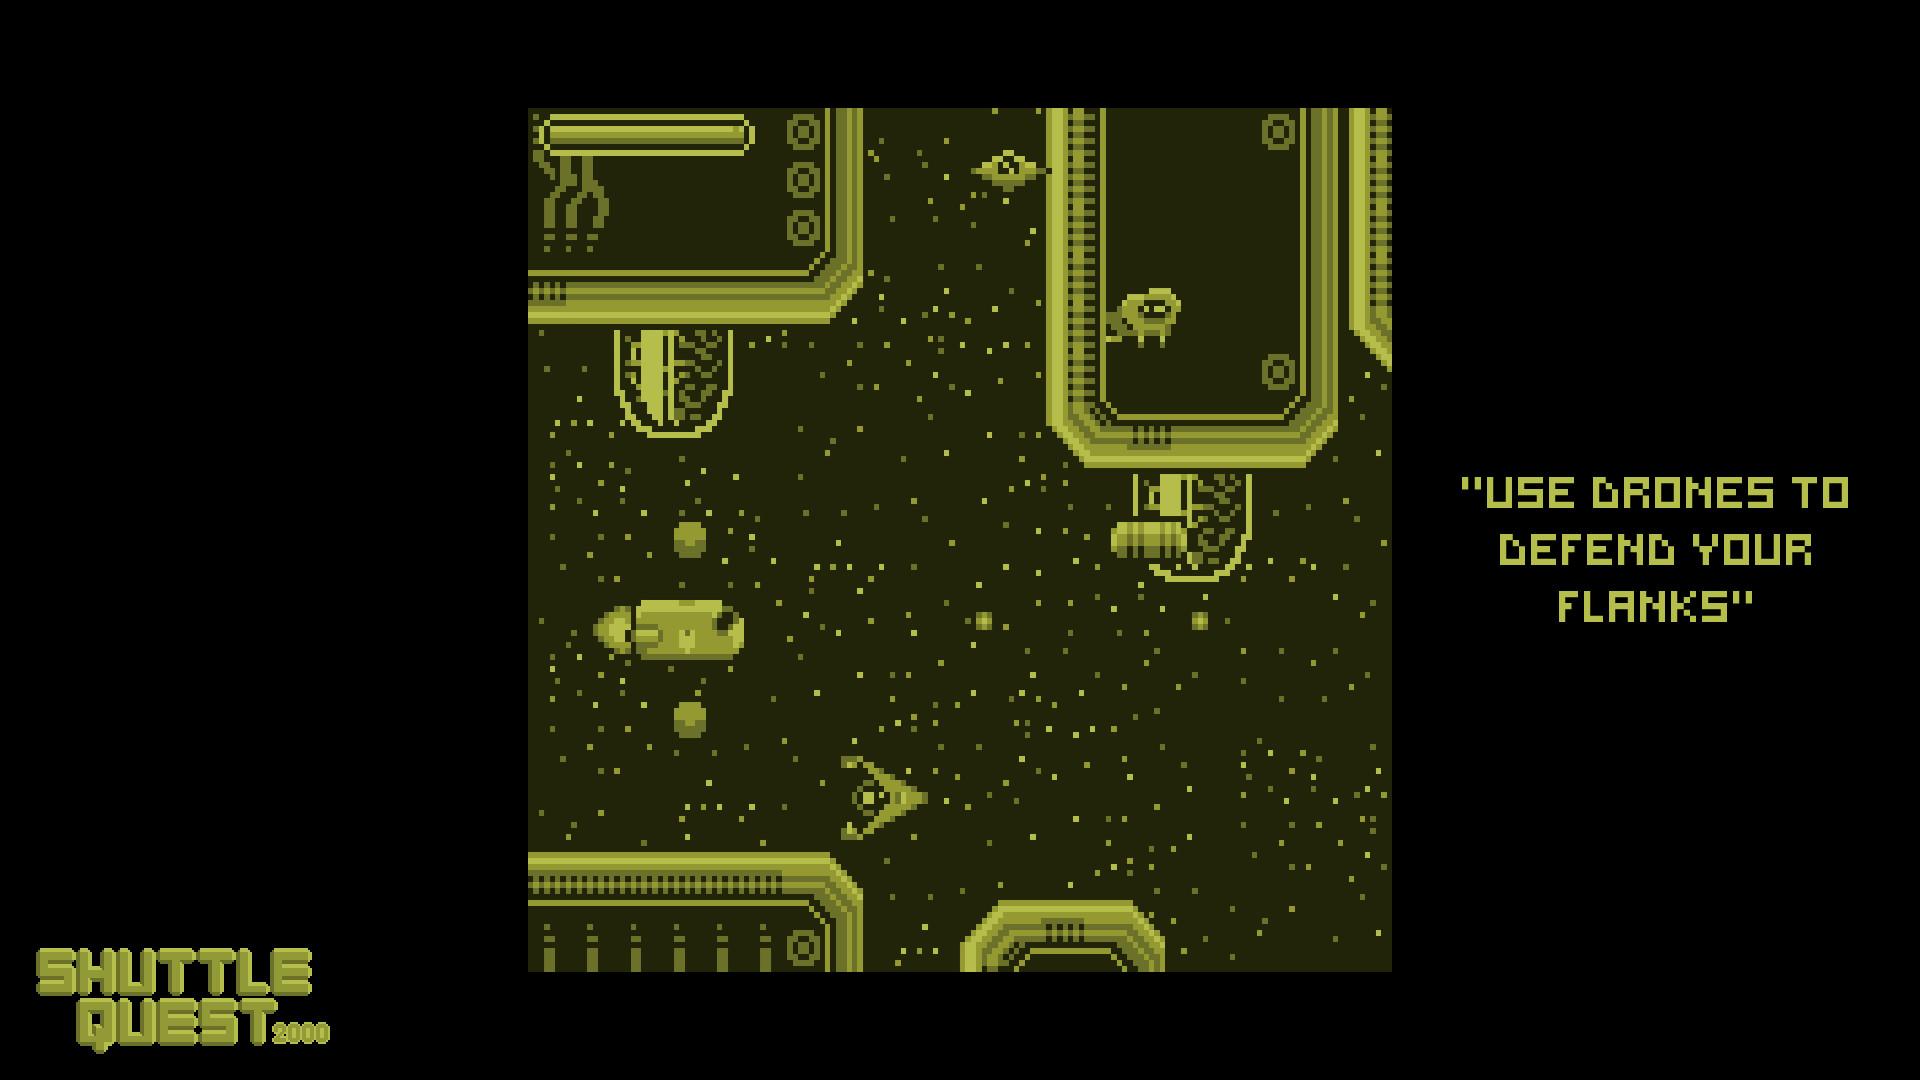 Screenshot of Shuttle Quest 2000